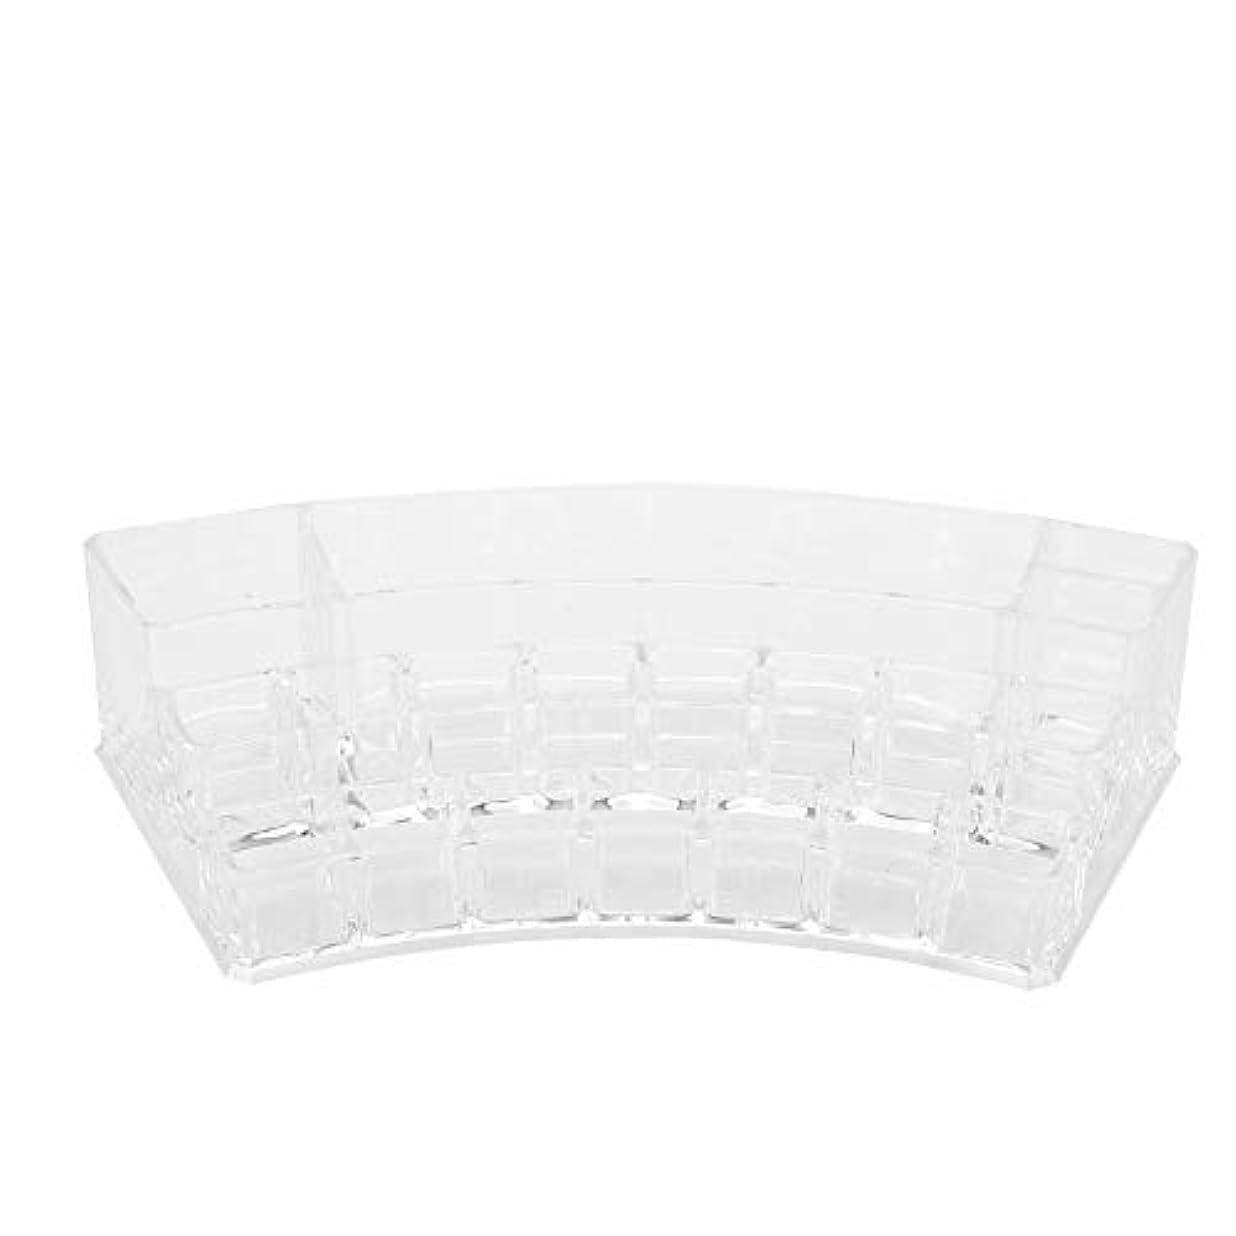 19グリッドプラスチック収納ボックス - ディスプレイケースネイルアートタトゥーツールオーガナイザー化粧品ディスプレイ